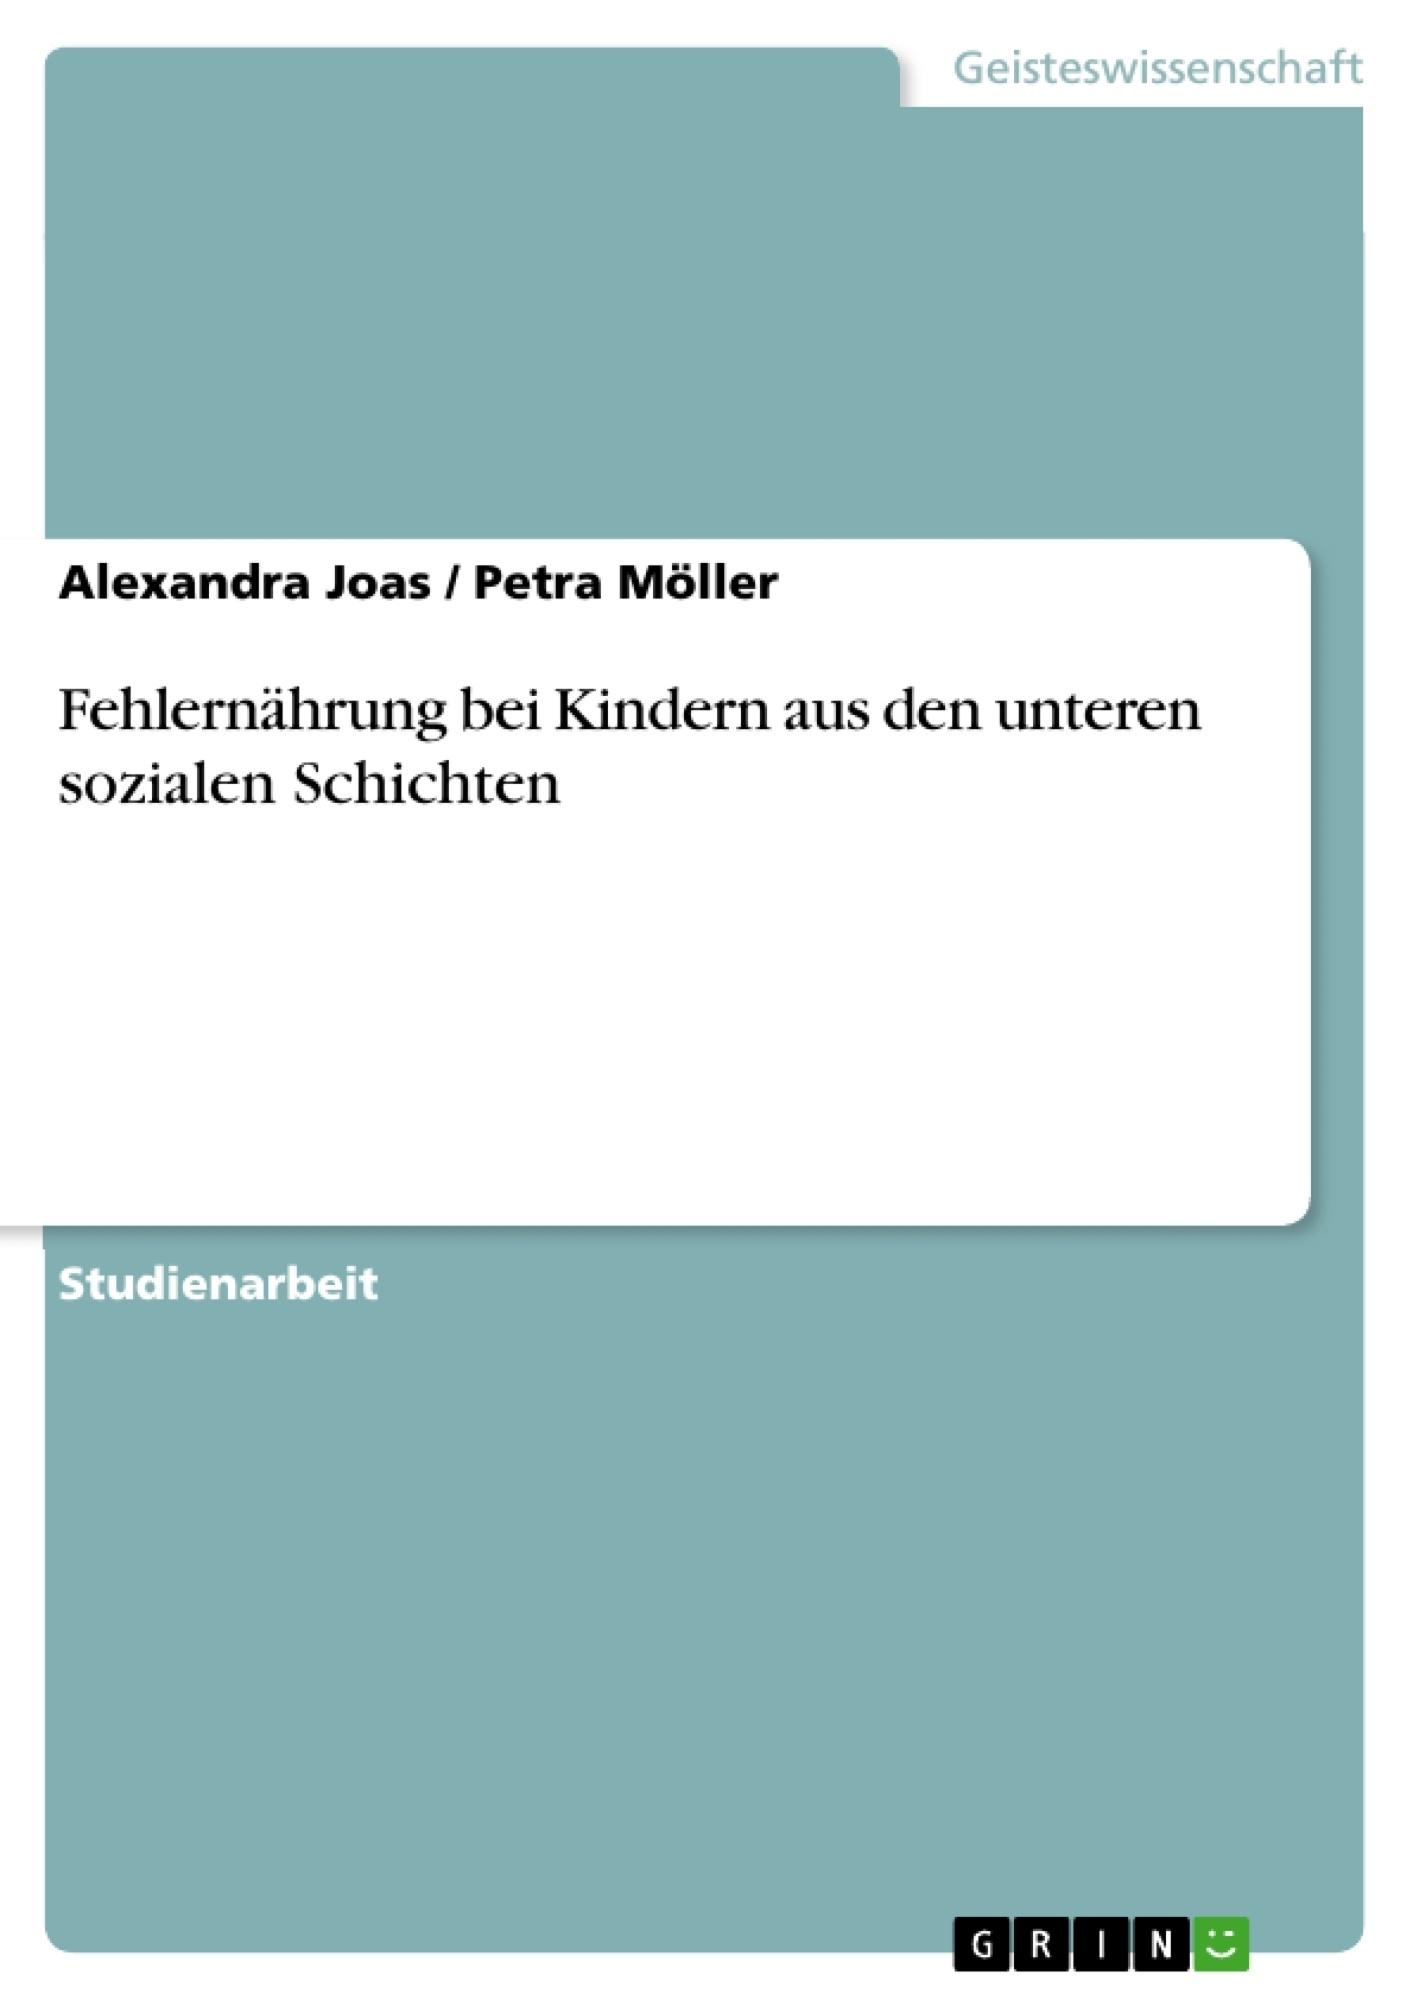 Titel: Fehlernährung bei Kindern aus den unteren sozialen Schichten